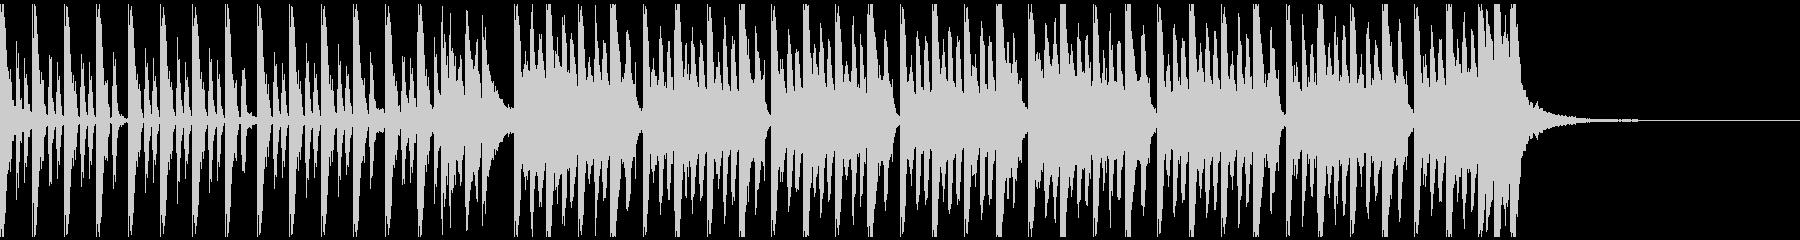 ドライブ(30秒)の未再生の波形